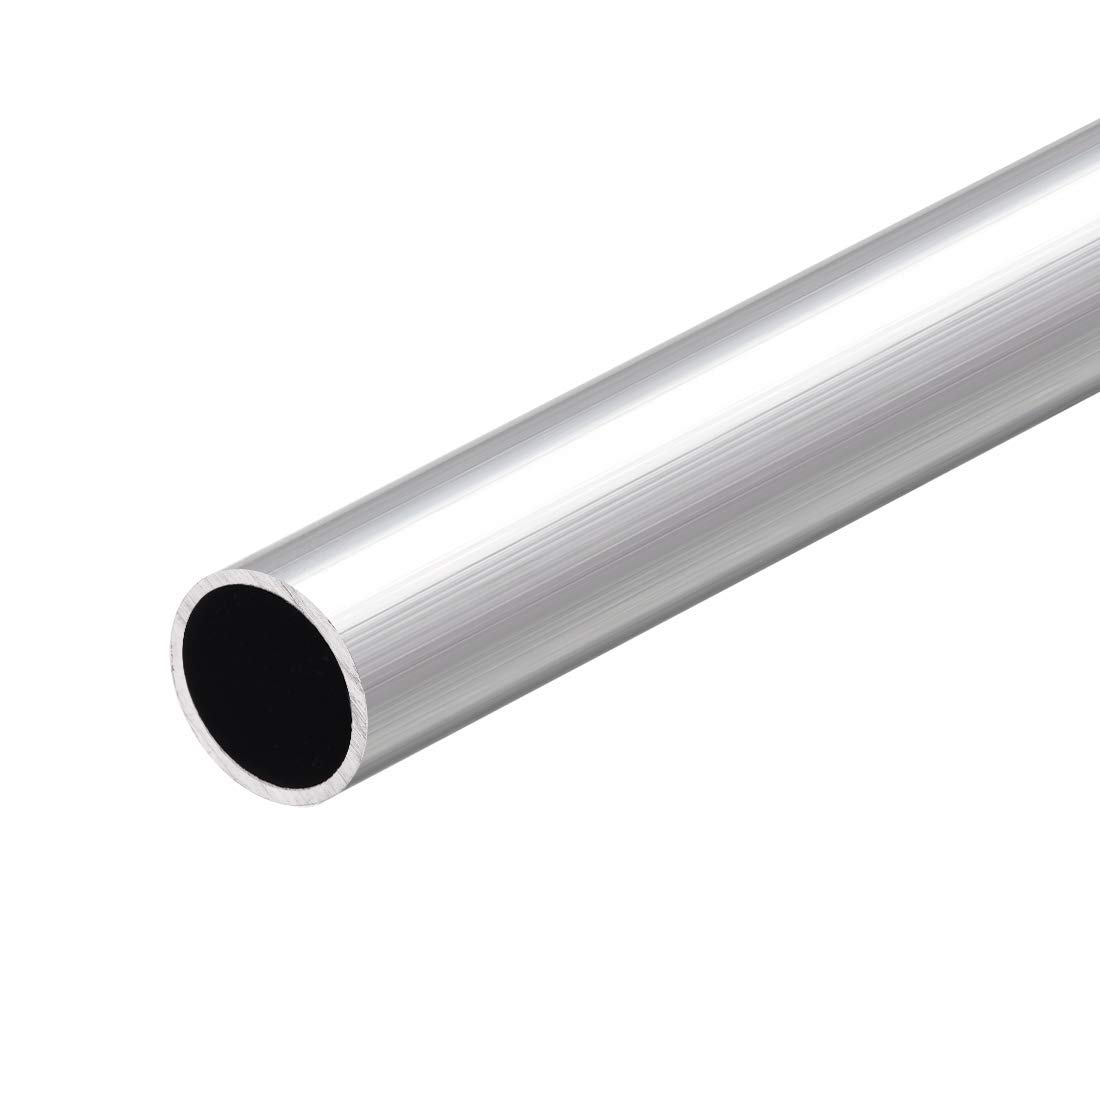 Round Aluminum Tube 6063 300 mm Length 20 mm OD 18 mm Internal Diameter Seamless Straight Aluminum Tube